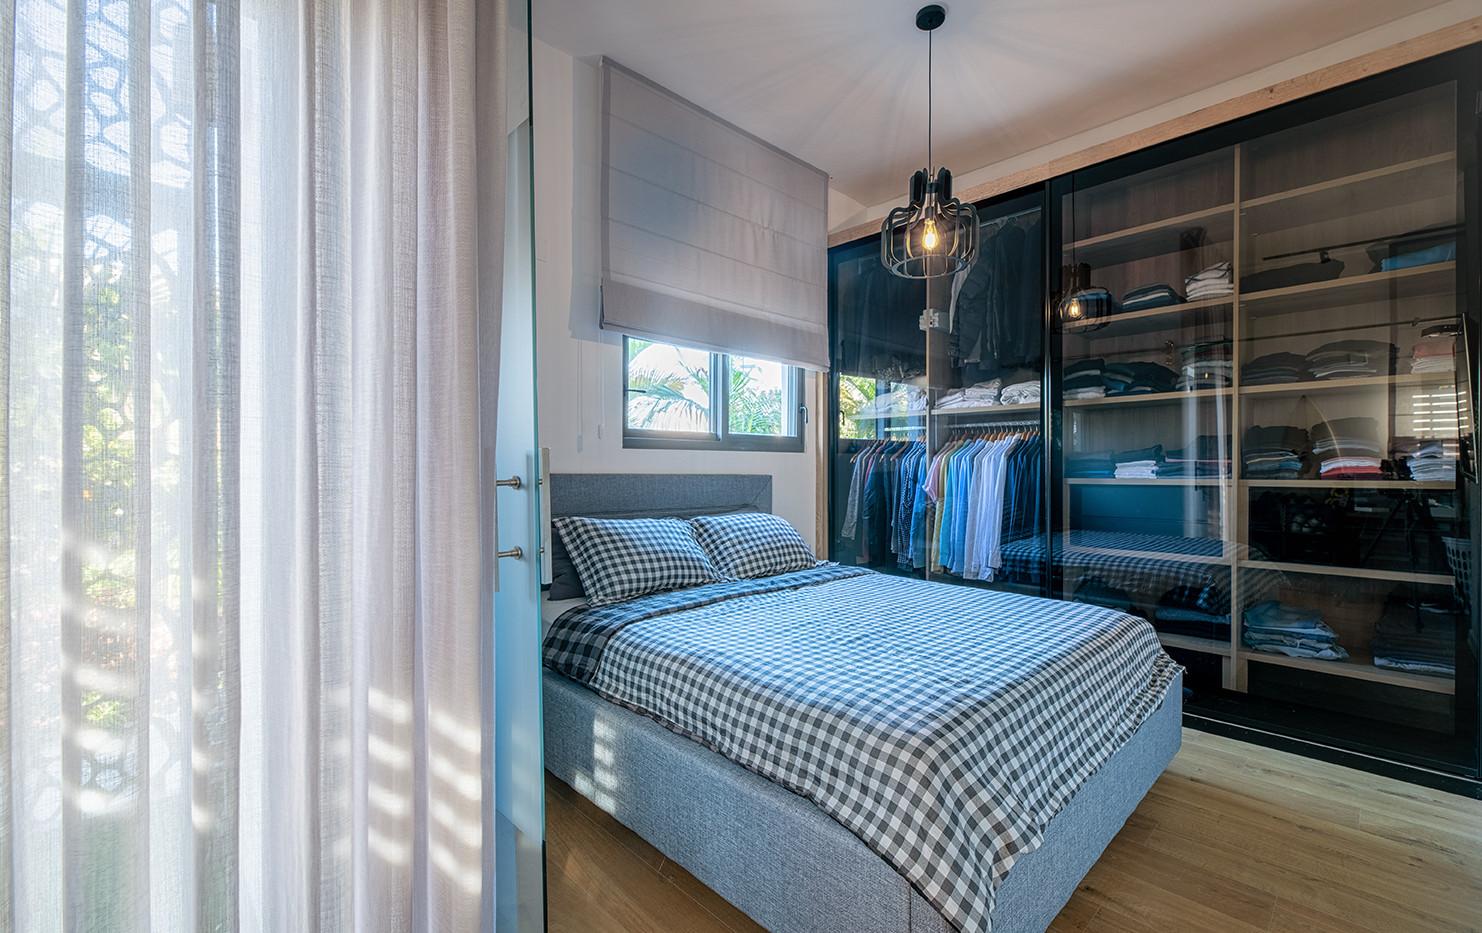 עיצוב חדרי שינה.jpg